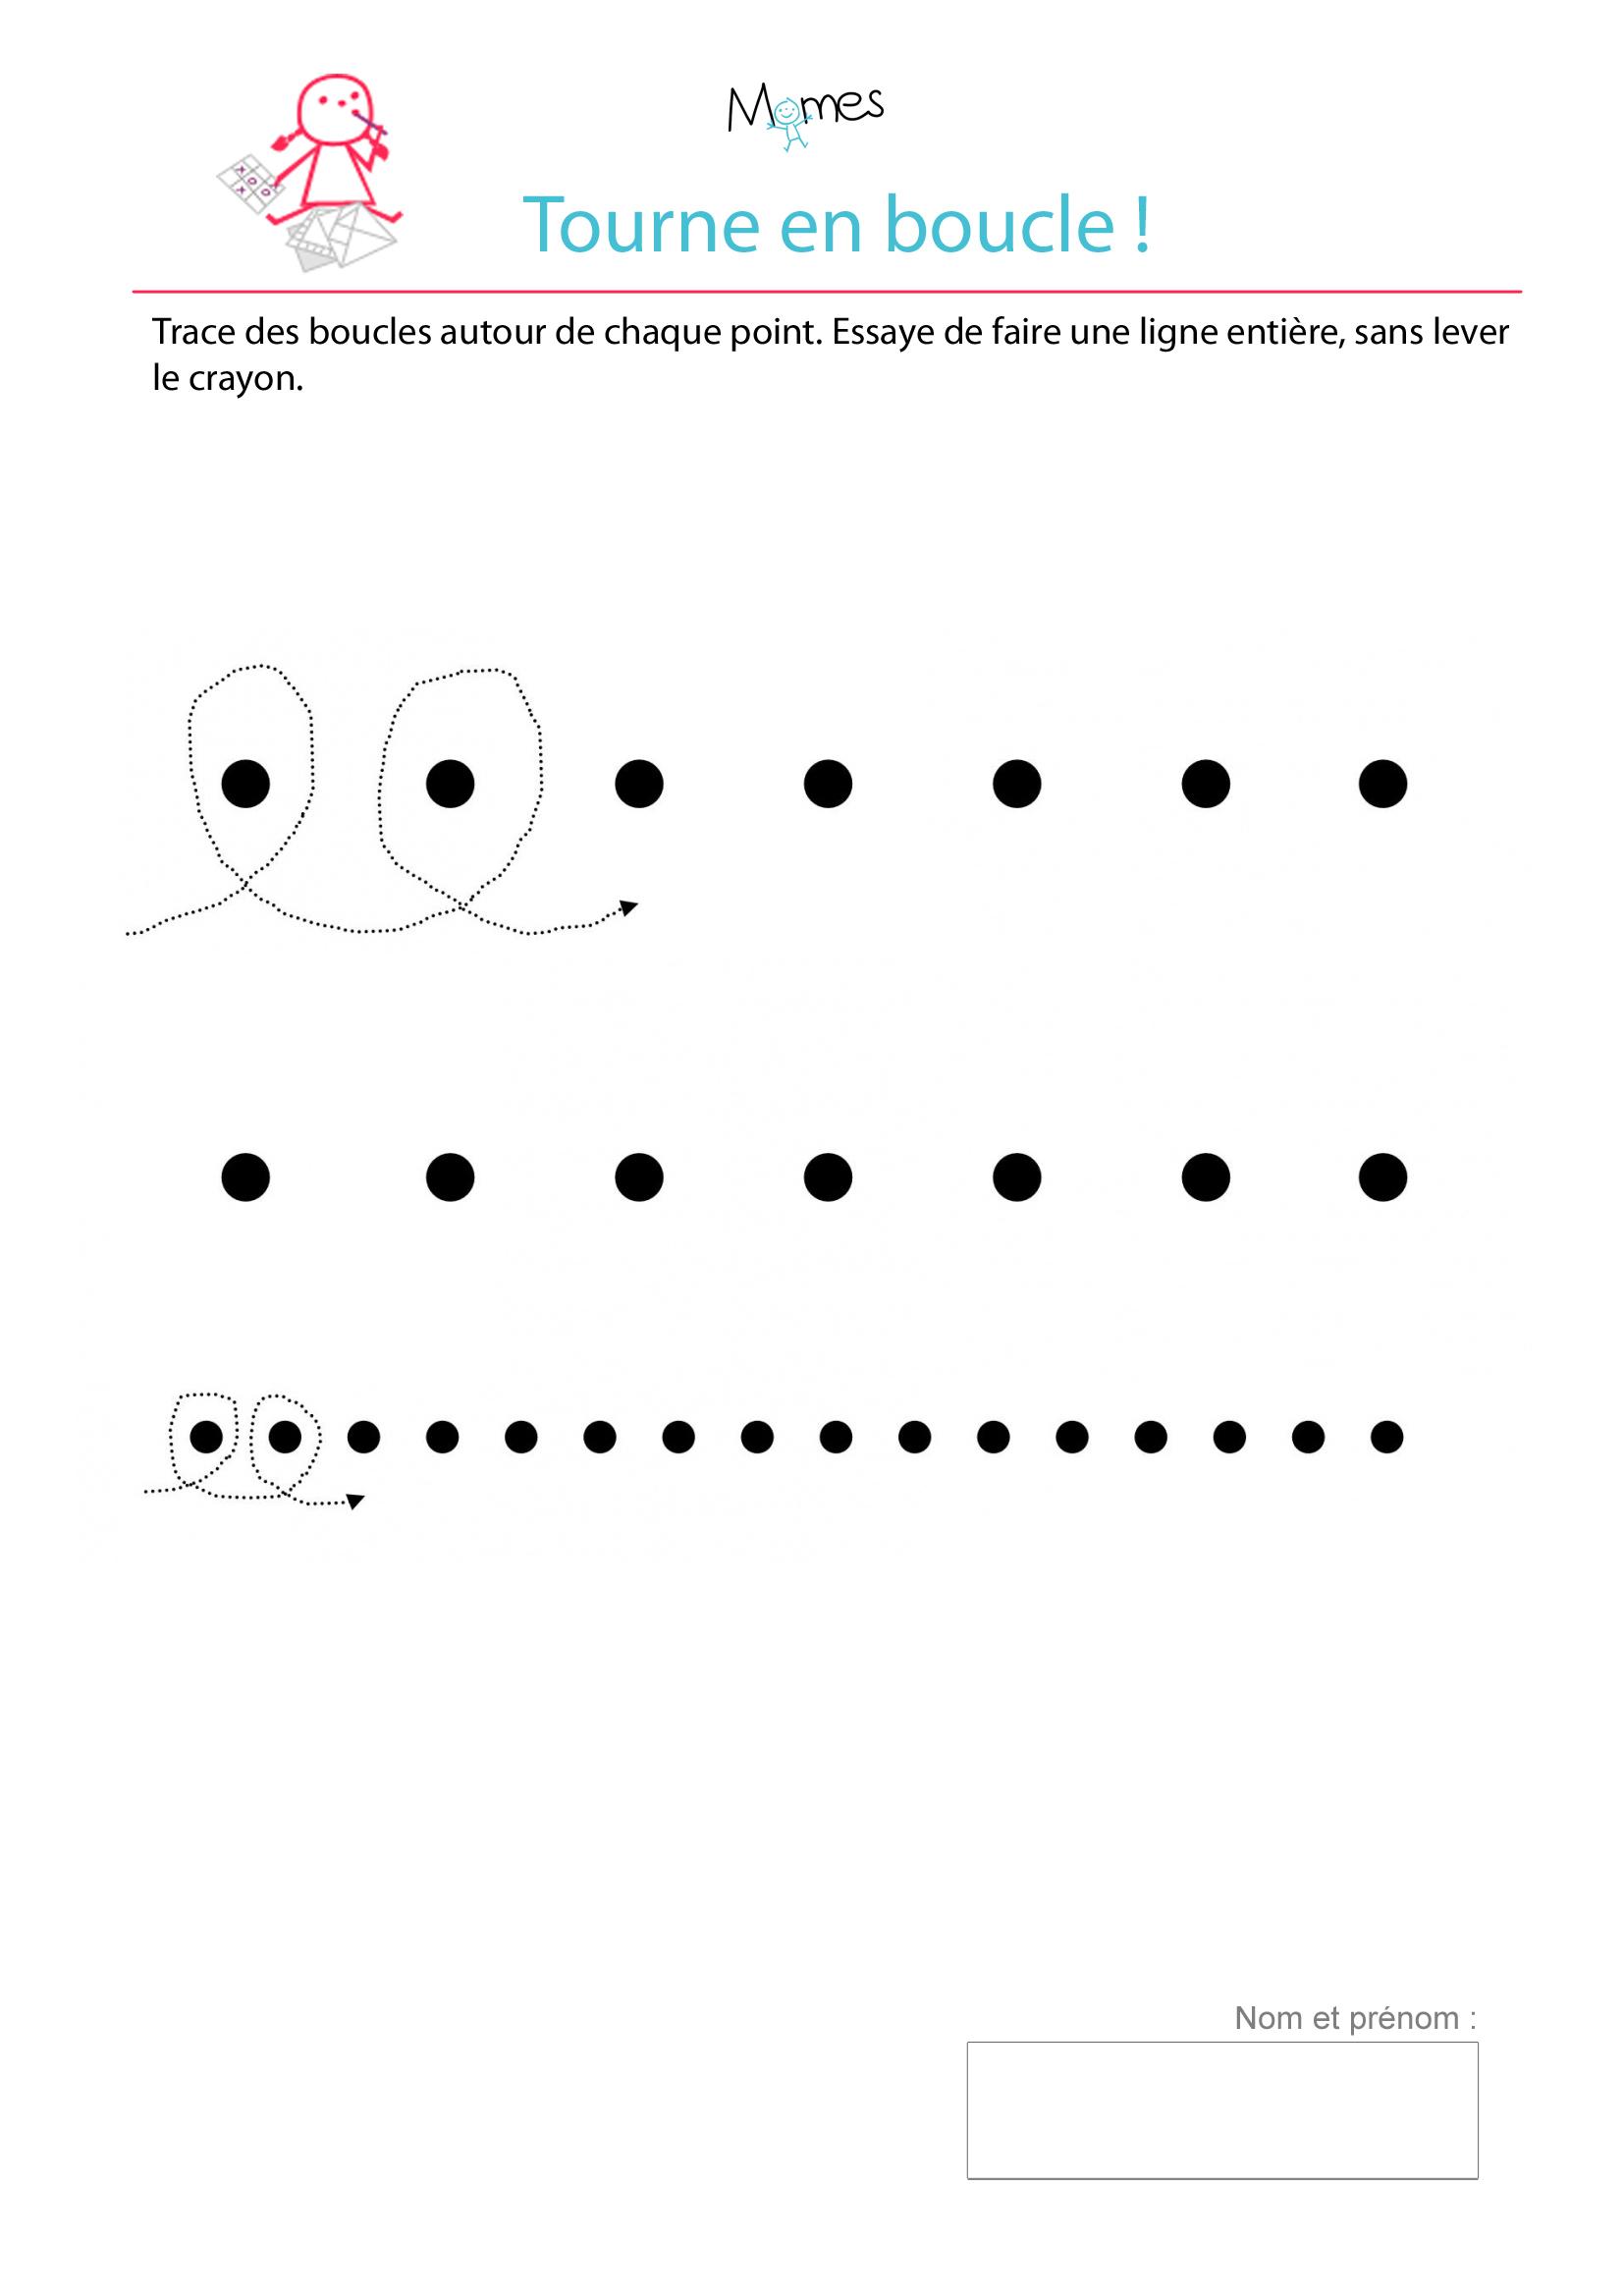 Exercice D'écriture : Tracer Des Boucles Autour De Points destiné Activite Pour Maternelle Imprimer